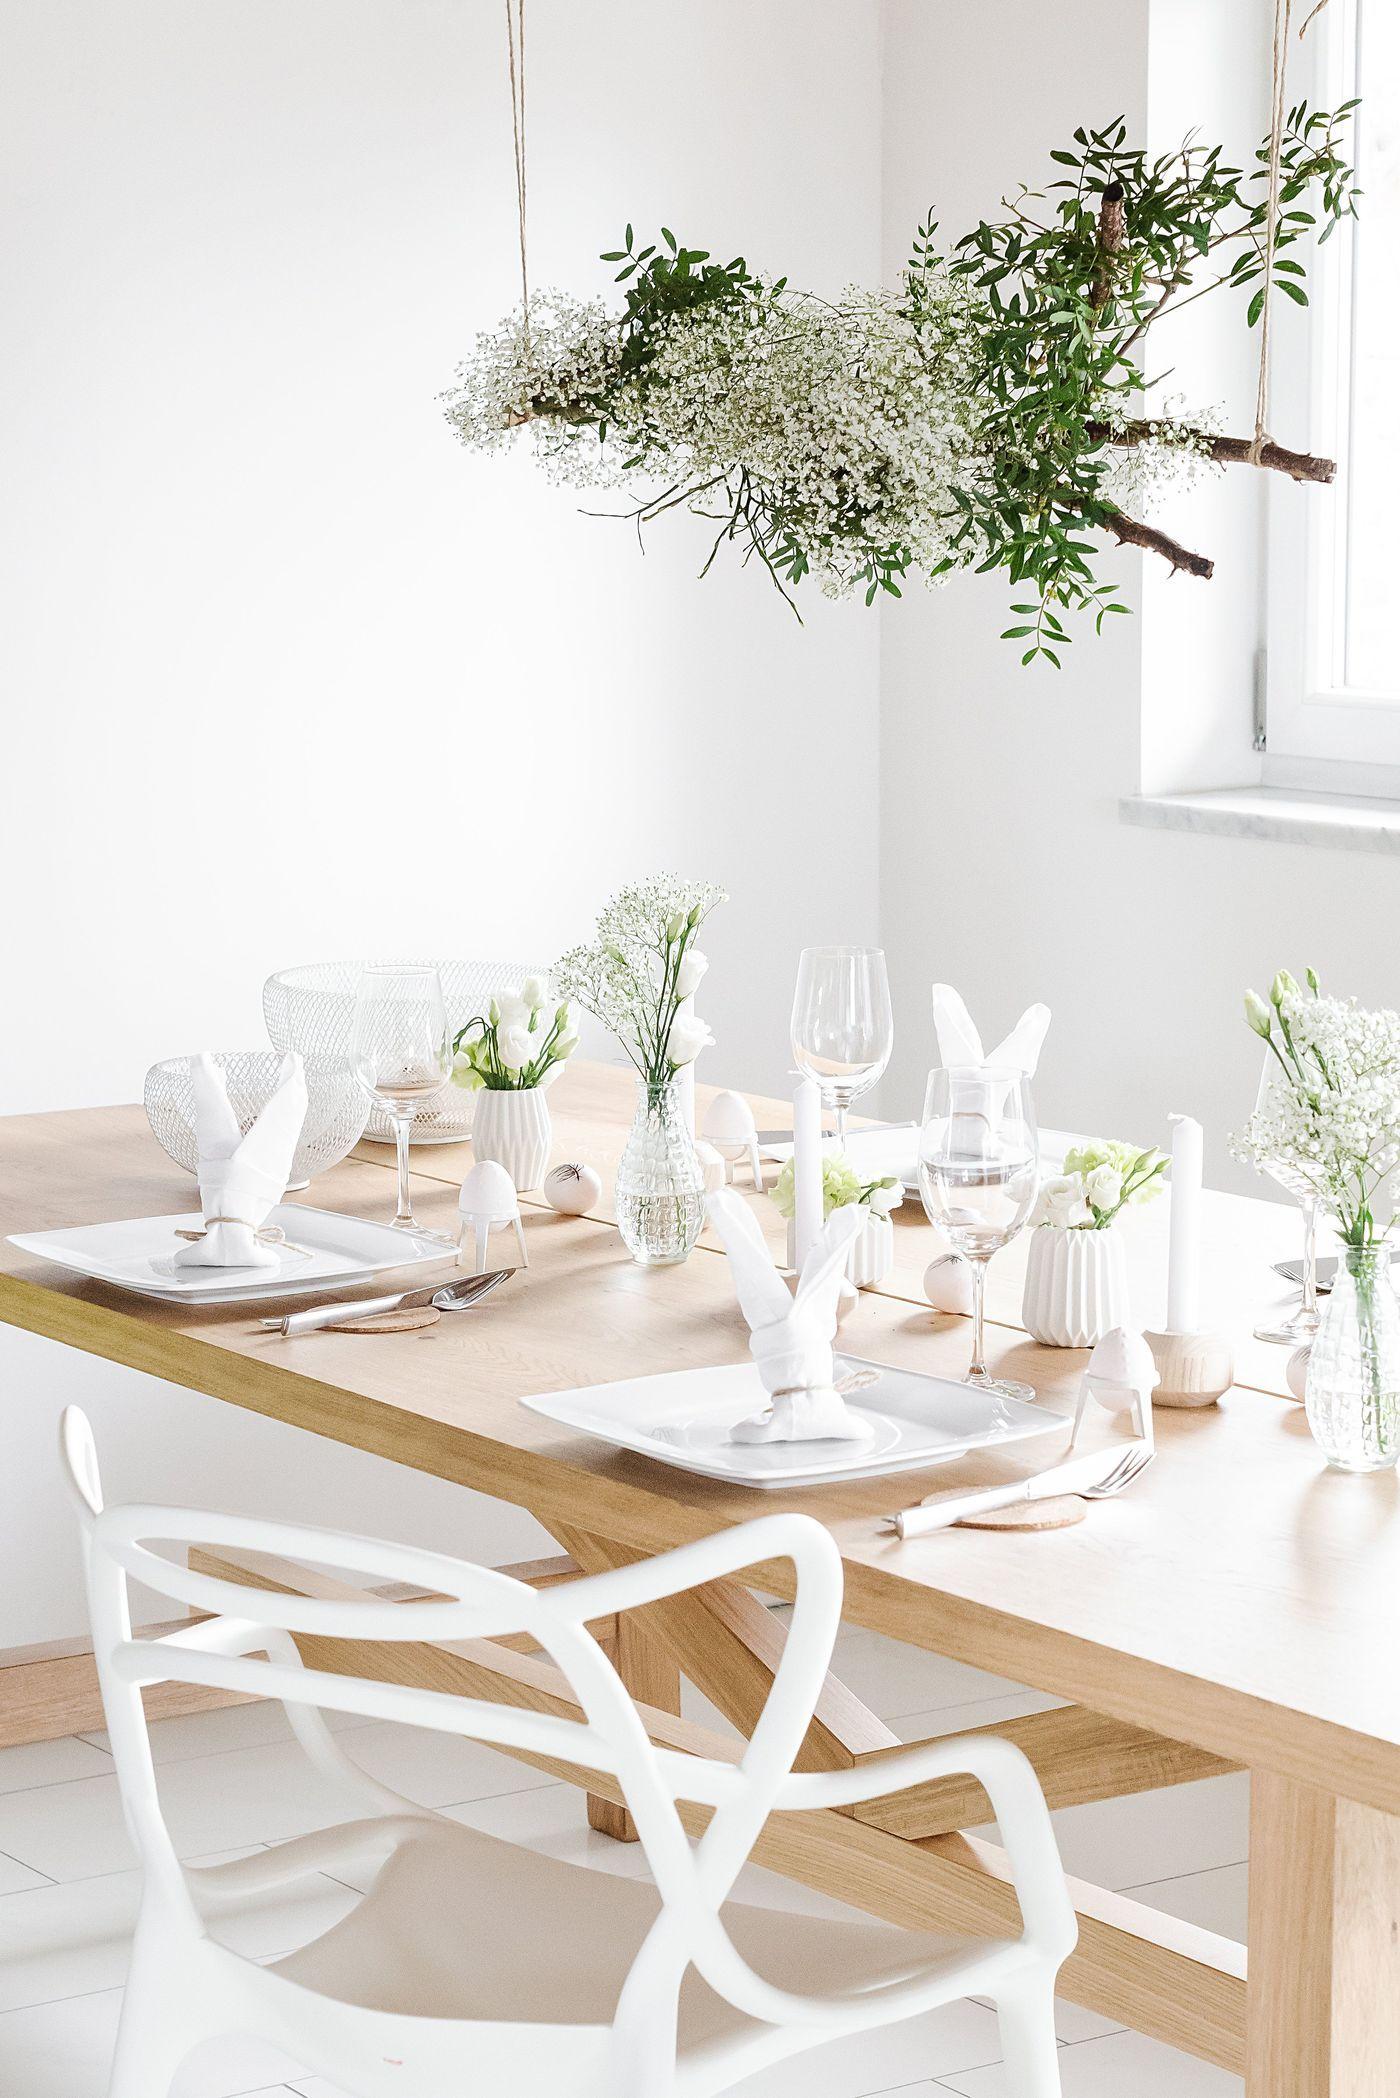 Die Besten Ideen Für Deine Tischdeko Zu Ostern